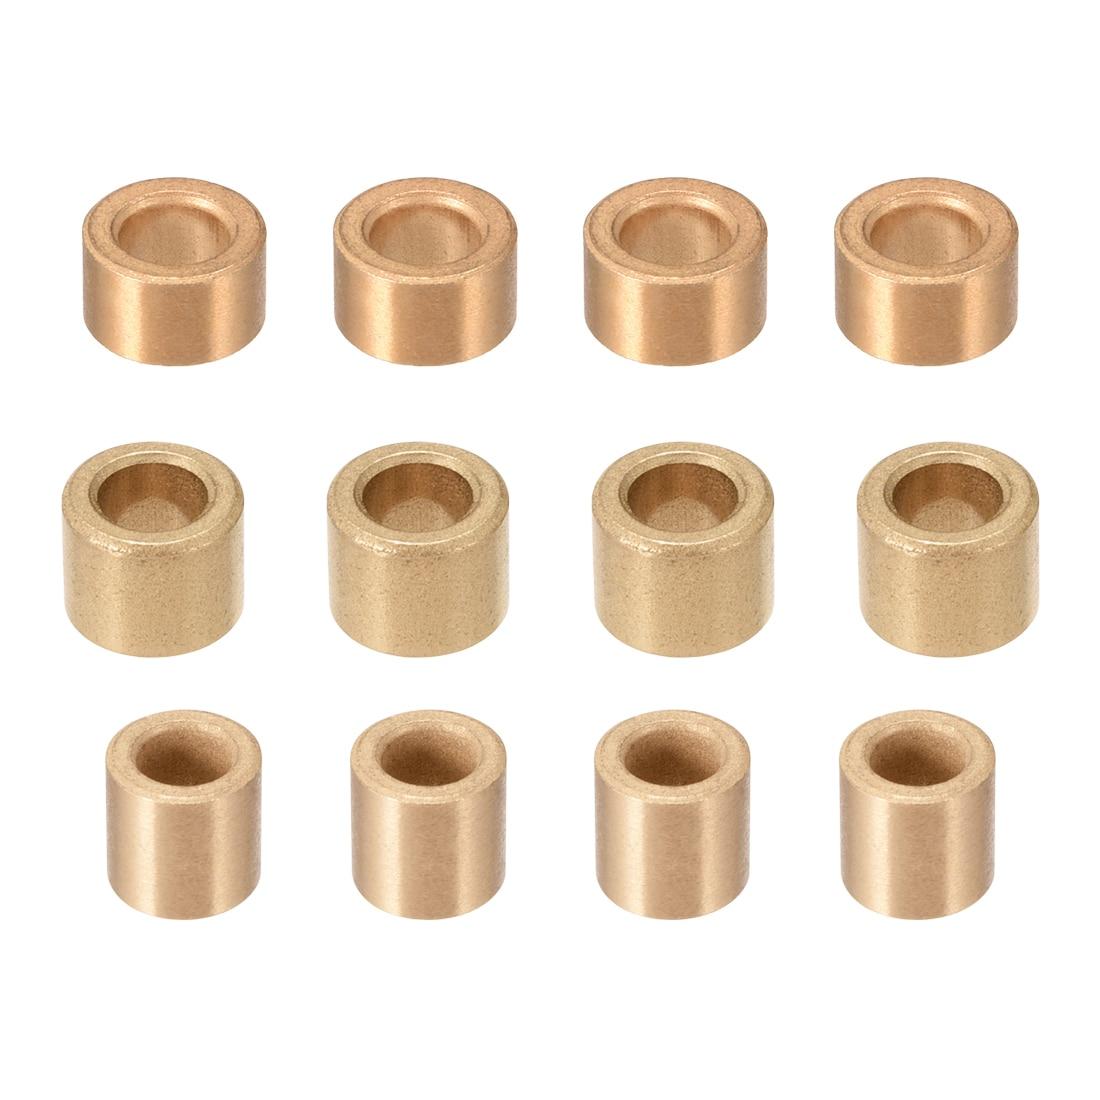 Uxcell 1-10 stücke Selbst Schmier Lager 6mm 8mm ID Hülse Gesinterte Bronze Lager Buchsen